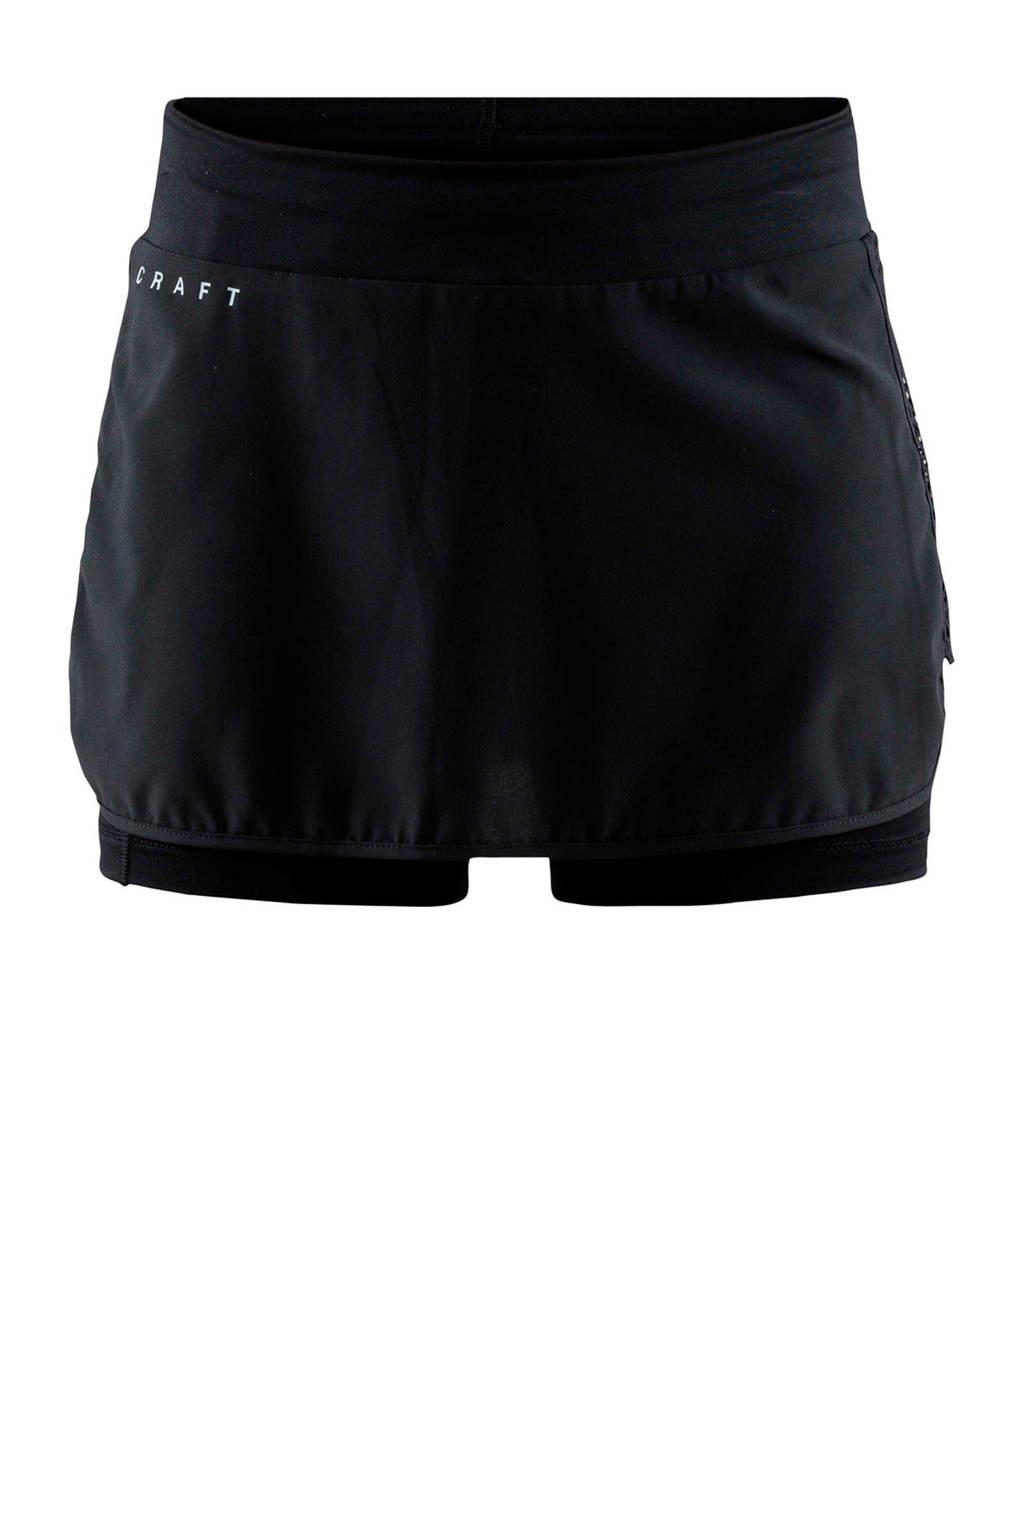 Craft sportrokje zwart, Zwart